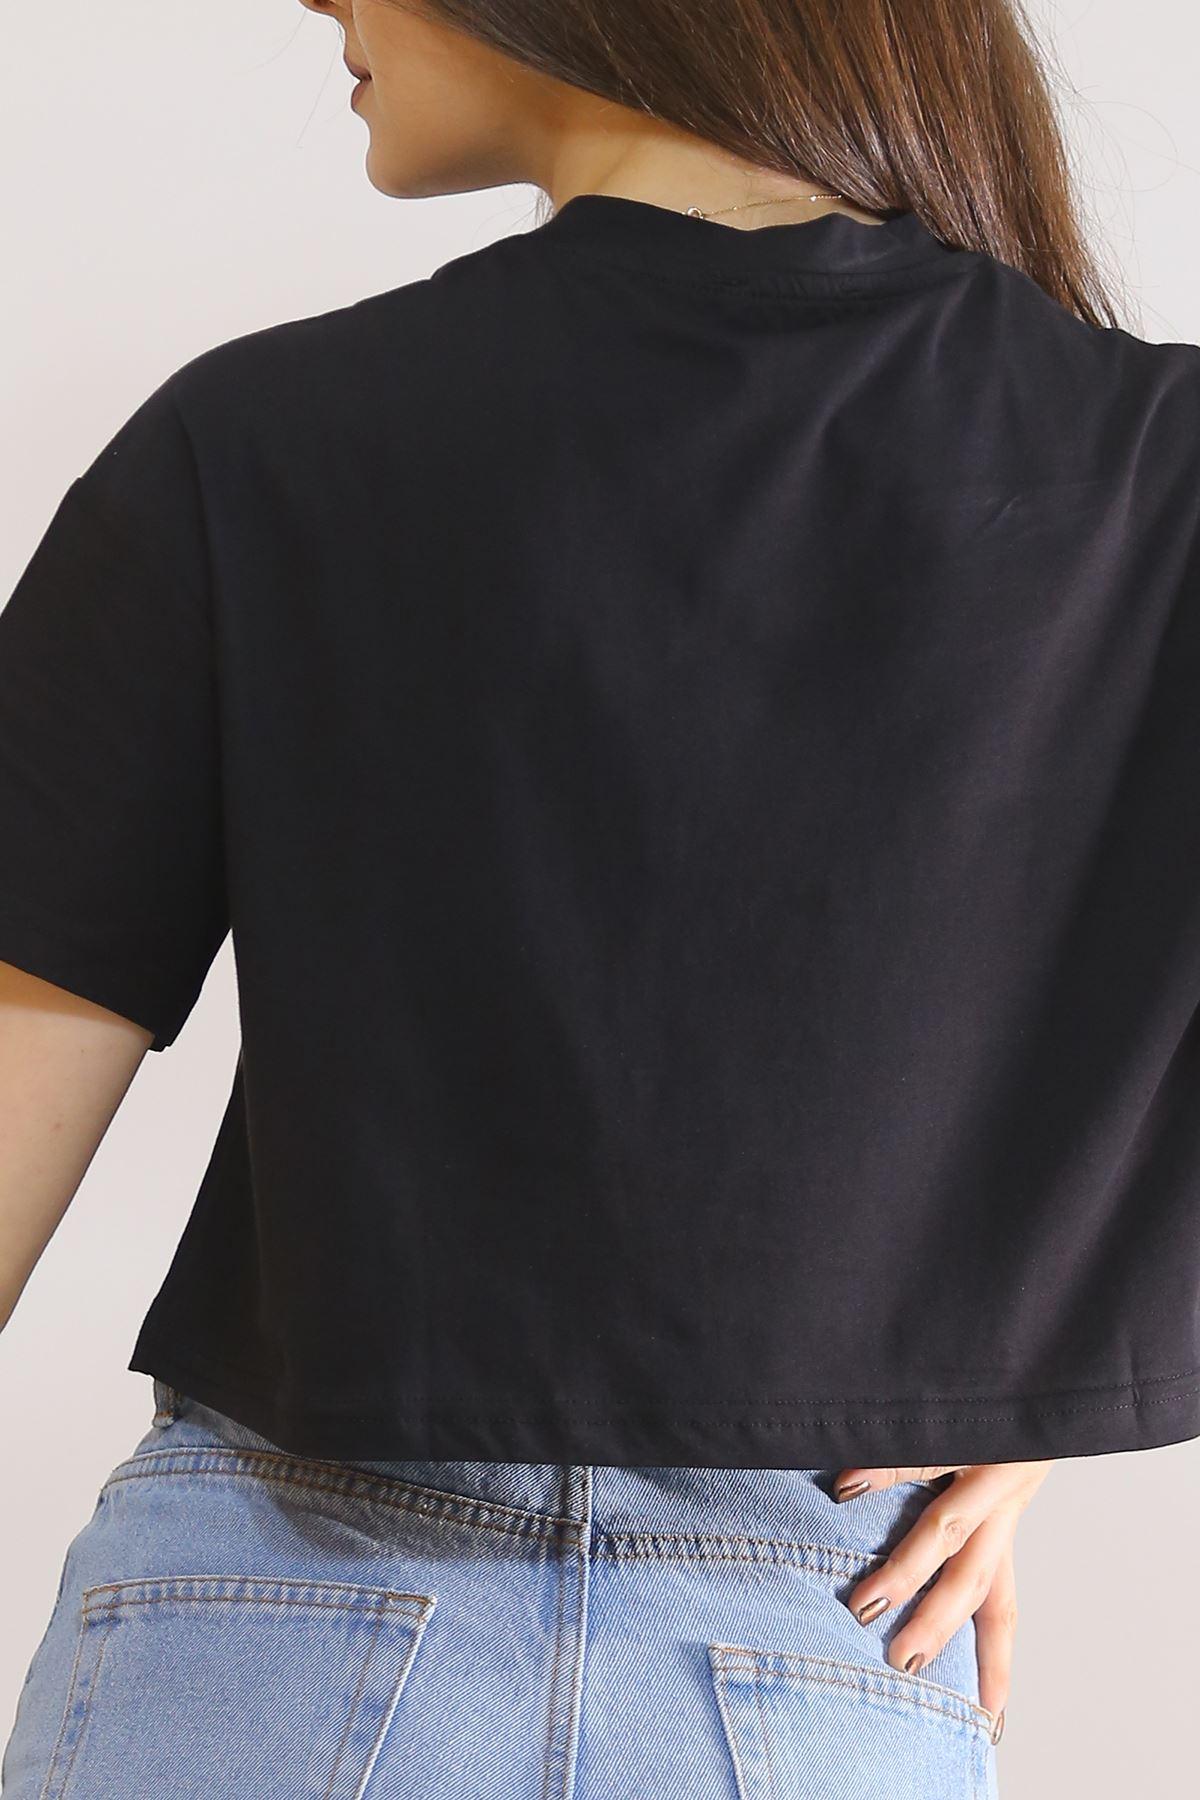 Baskılı Crop Tişört Siyah - 5844.1377.